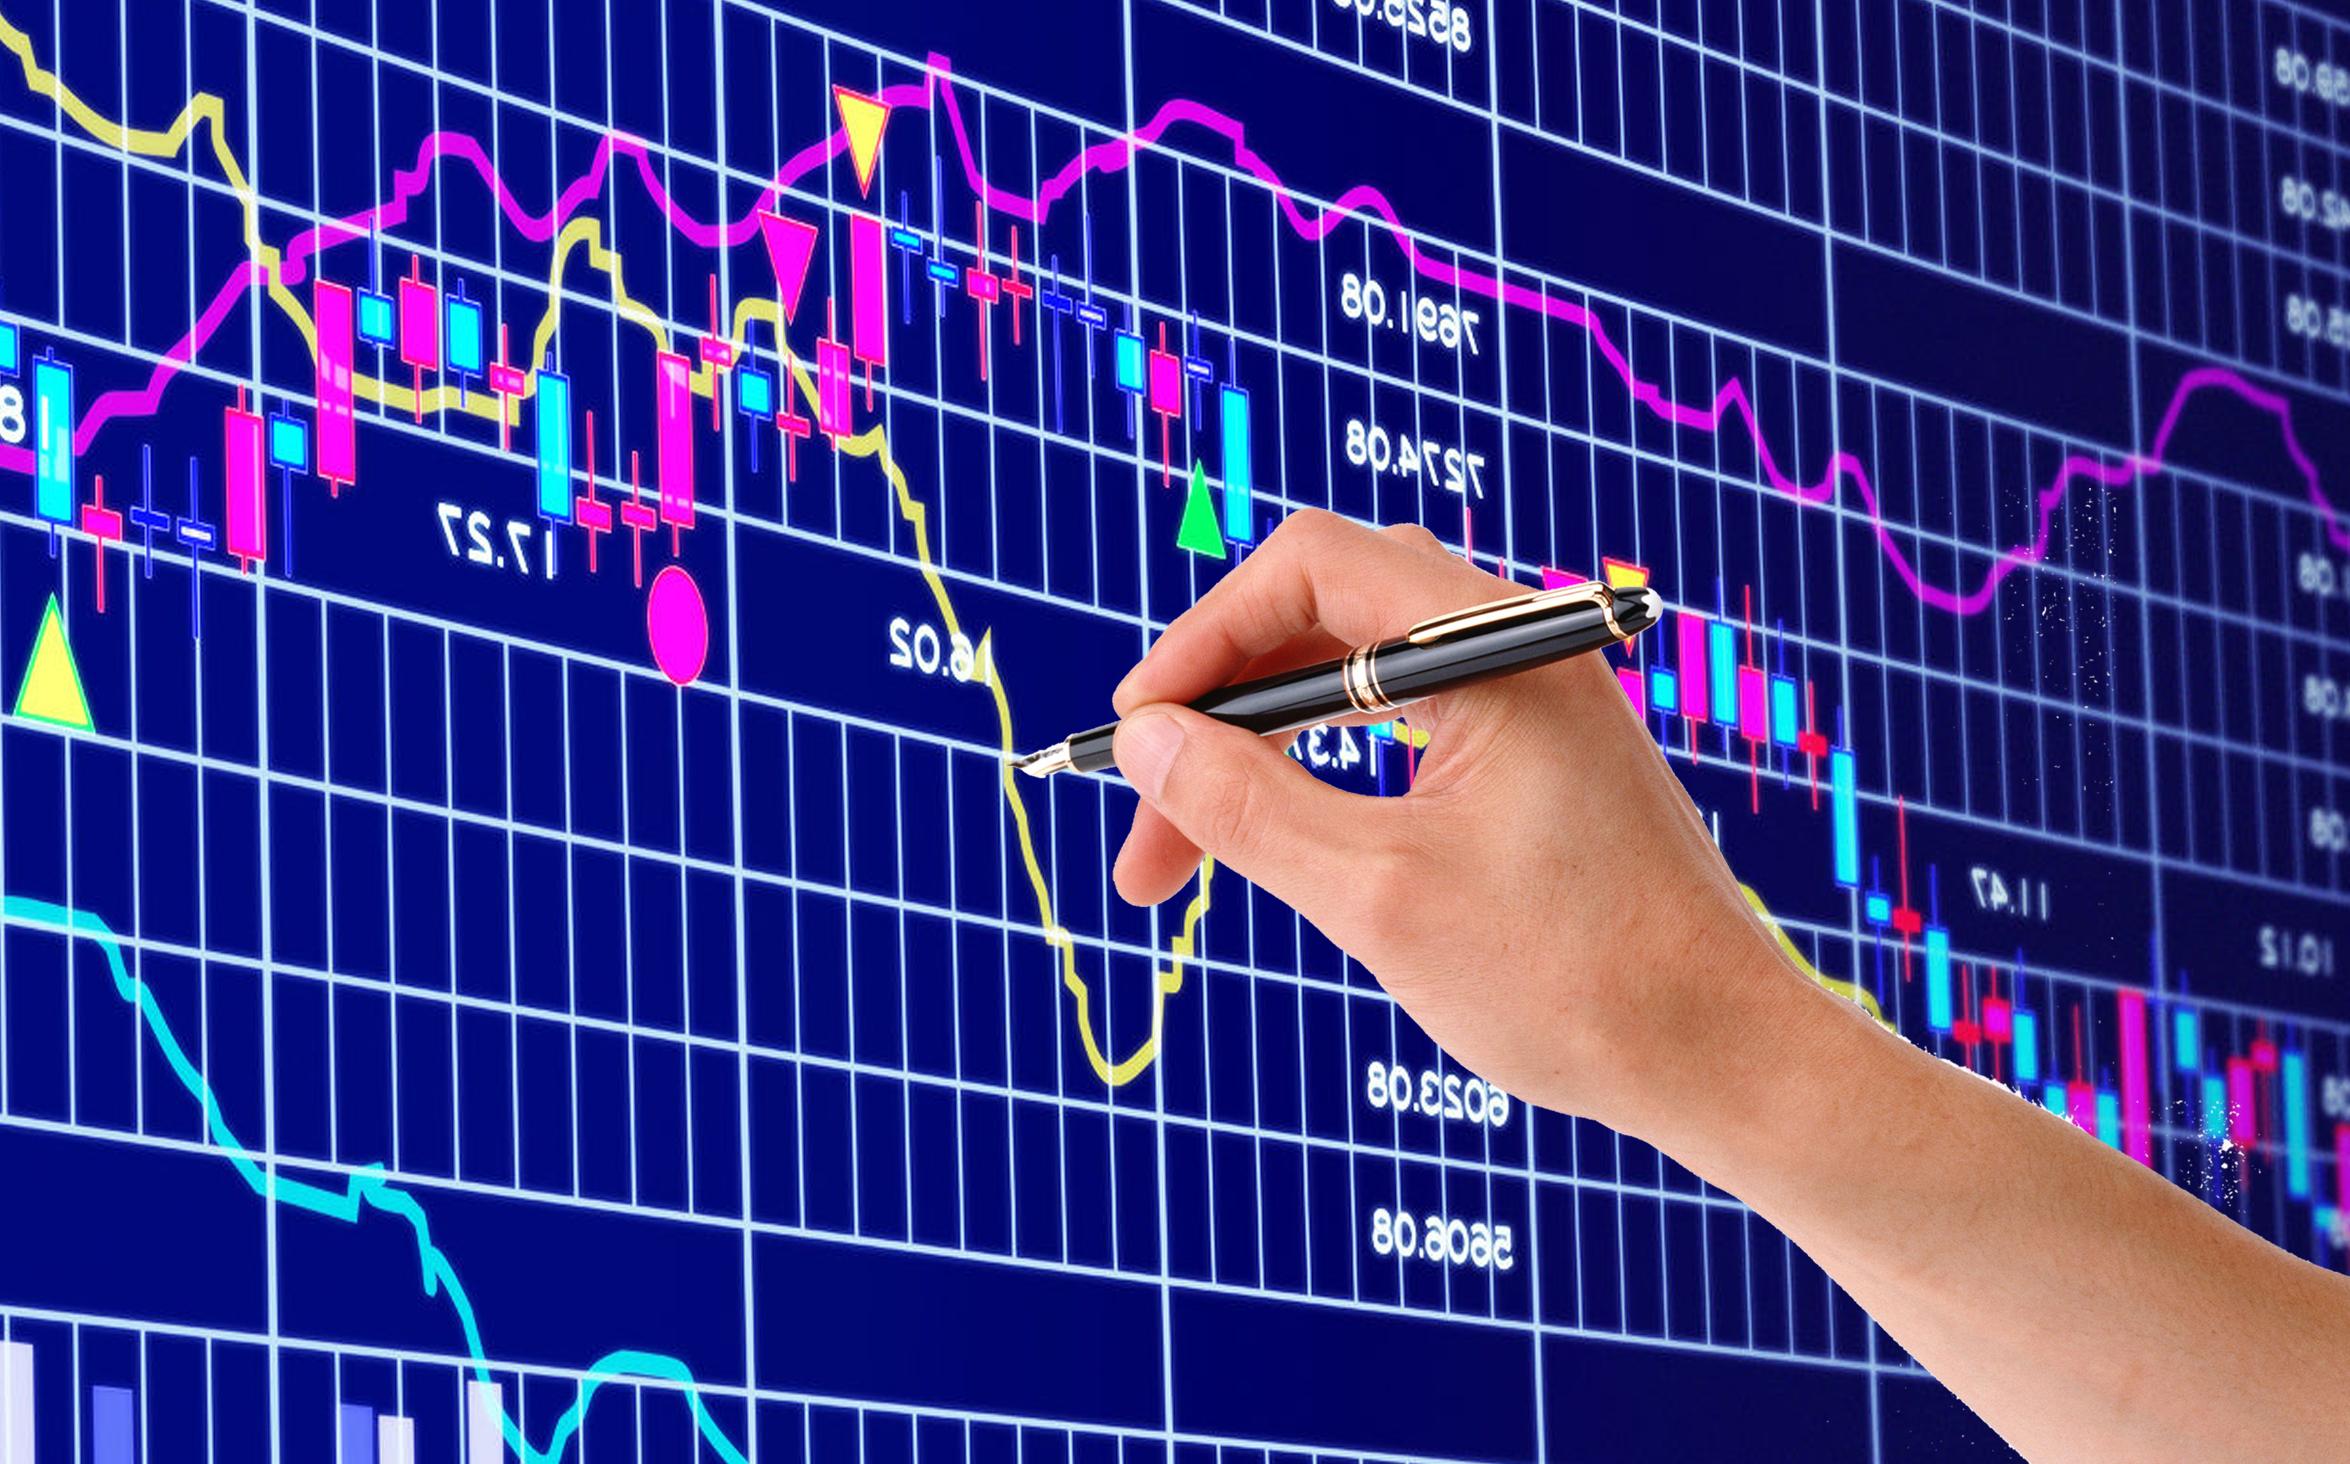 FRT, NKG, CC4, MBB, NHH, DHN, TPB, CVT, NTP, MPT, ADS, KTT, TLD, SPM, DXP, KSD, PYU, NLS, DVC: Thông tin giao dịch lượng lớn cổ phiếu